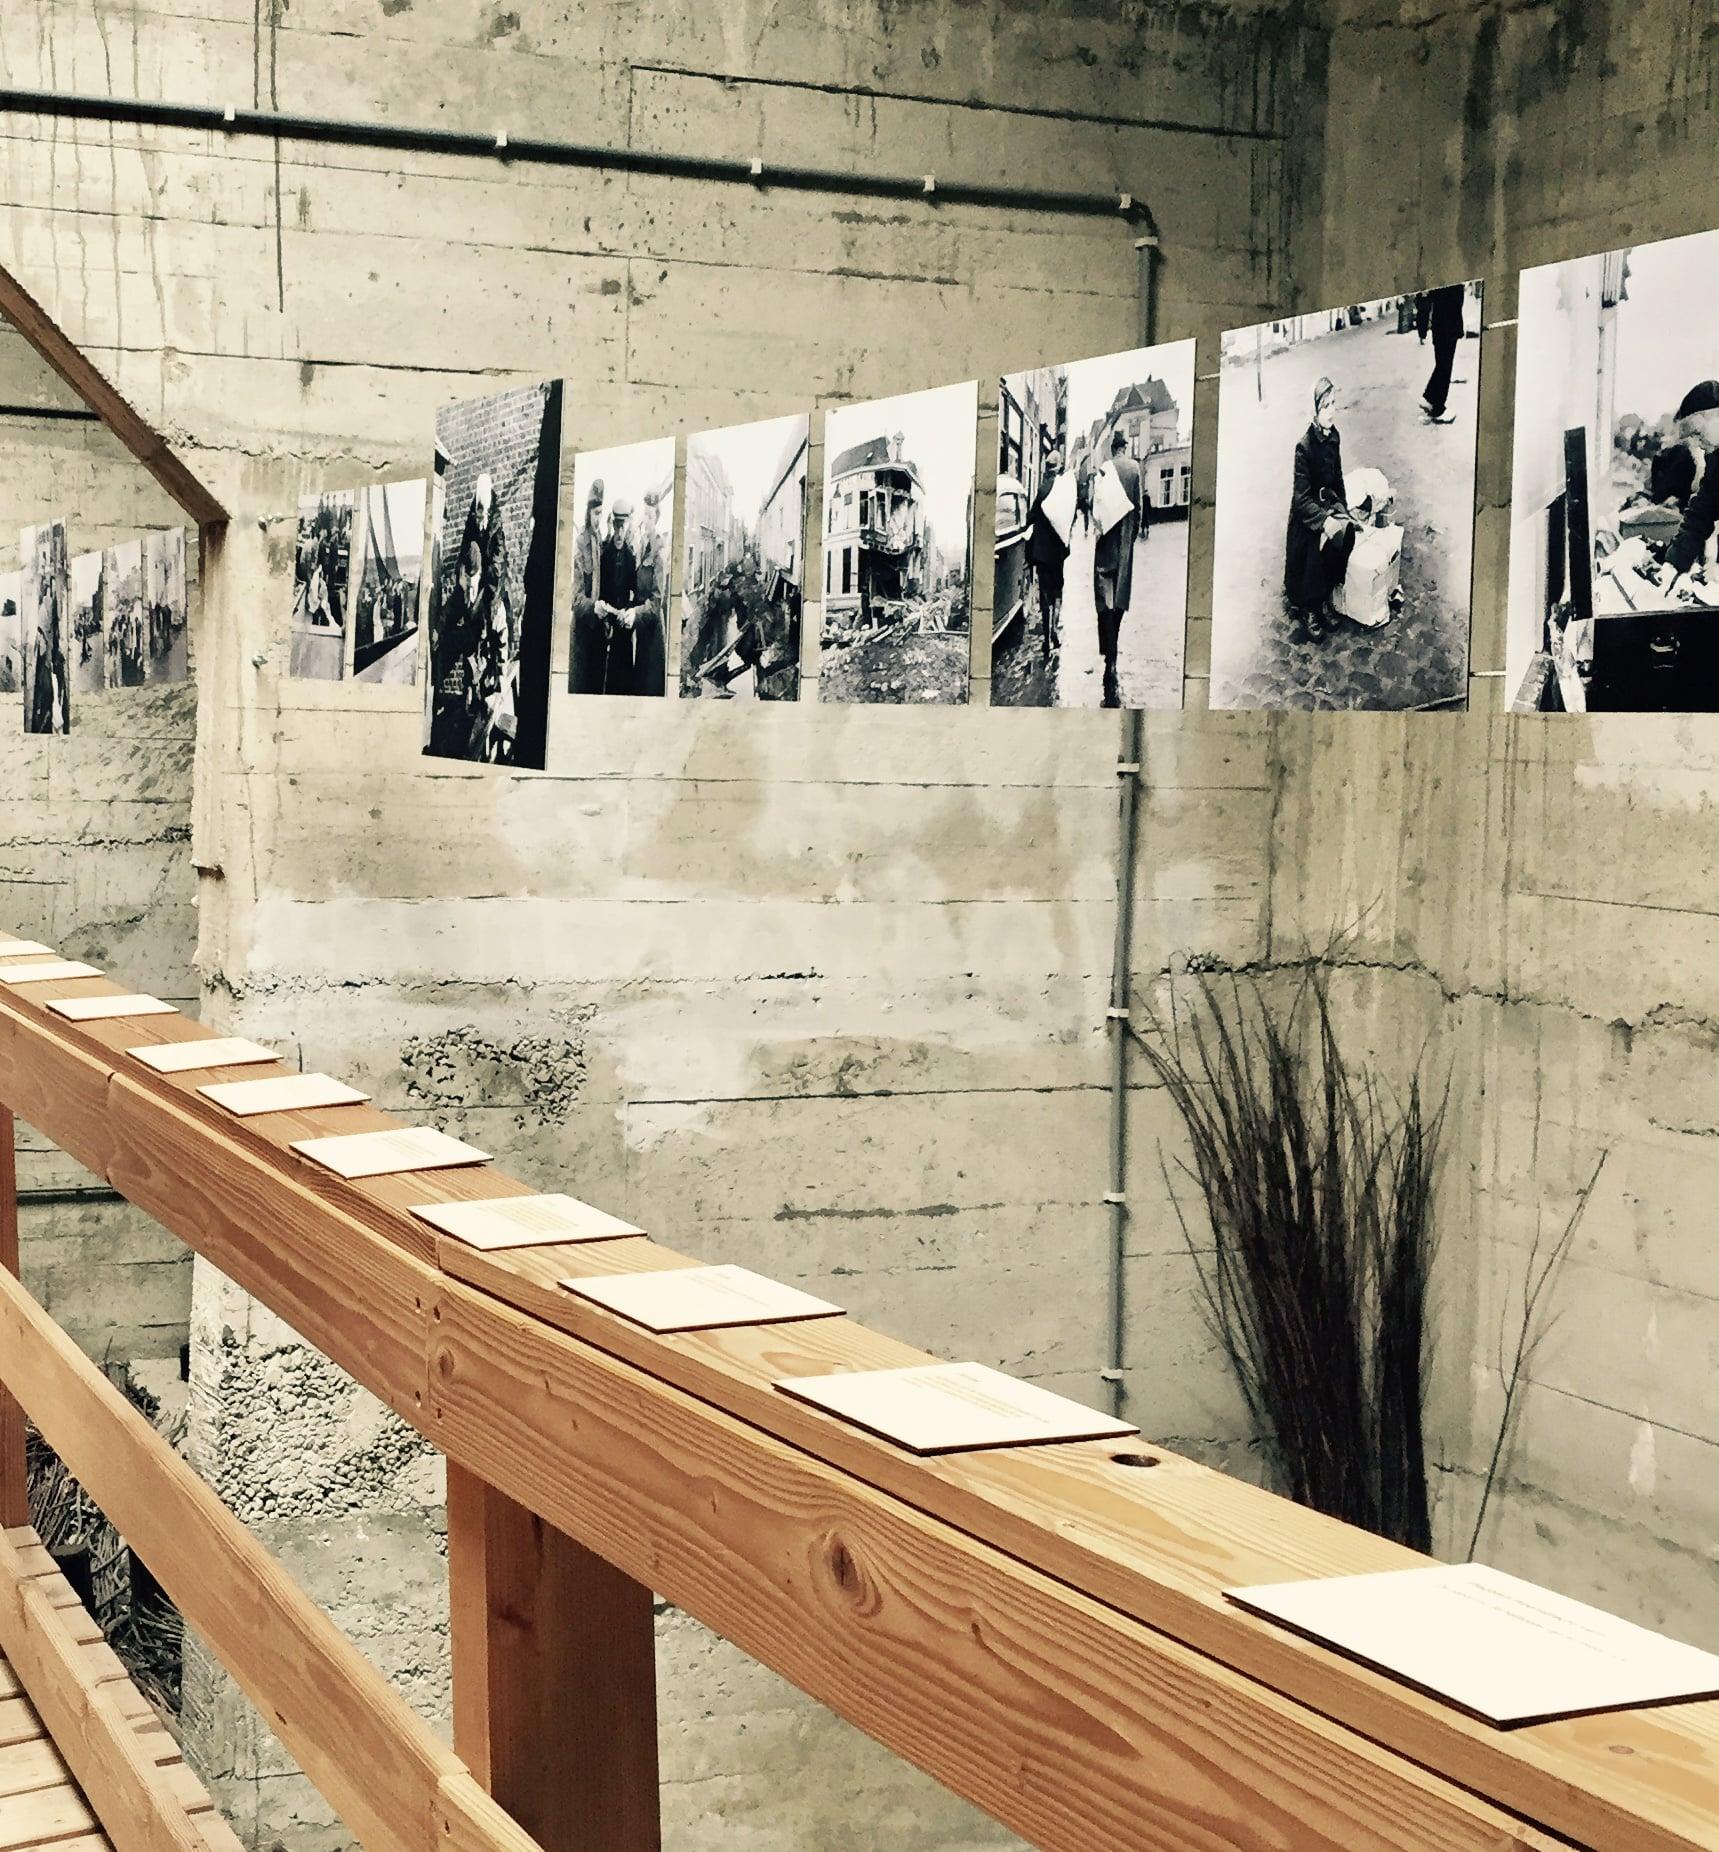 Fotoausstellung im Watersnoodmuseum